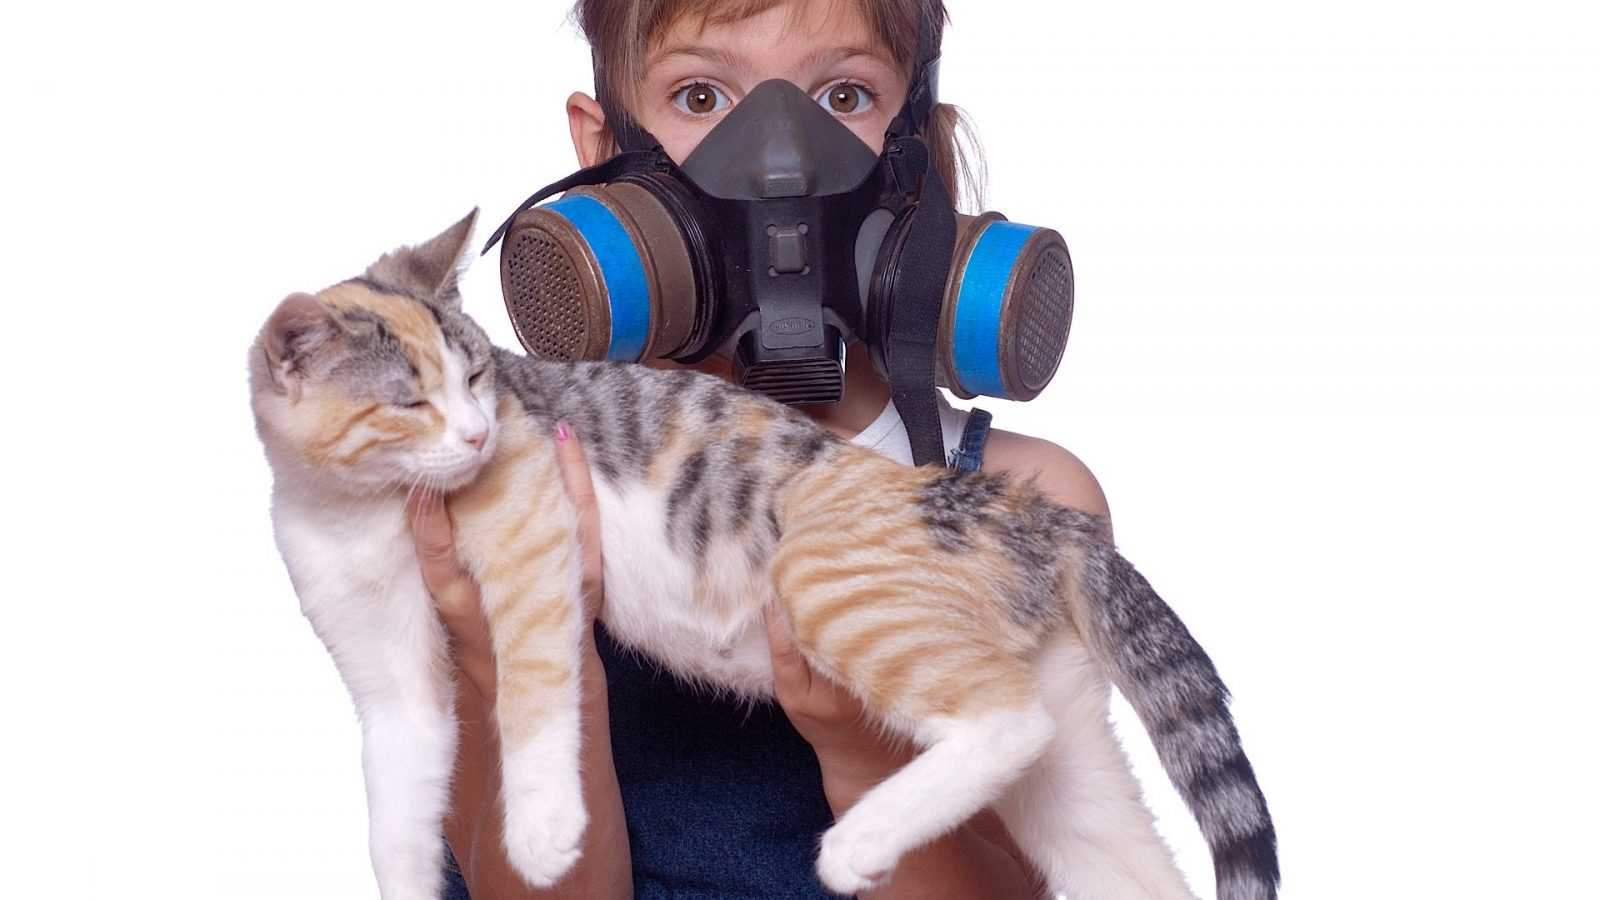 Kedi İdrar Kokusu Nasıl Giderilir? Kedi Çiş Kokusu